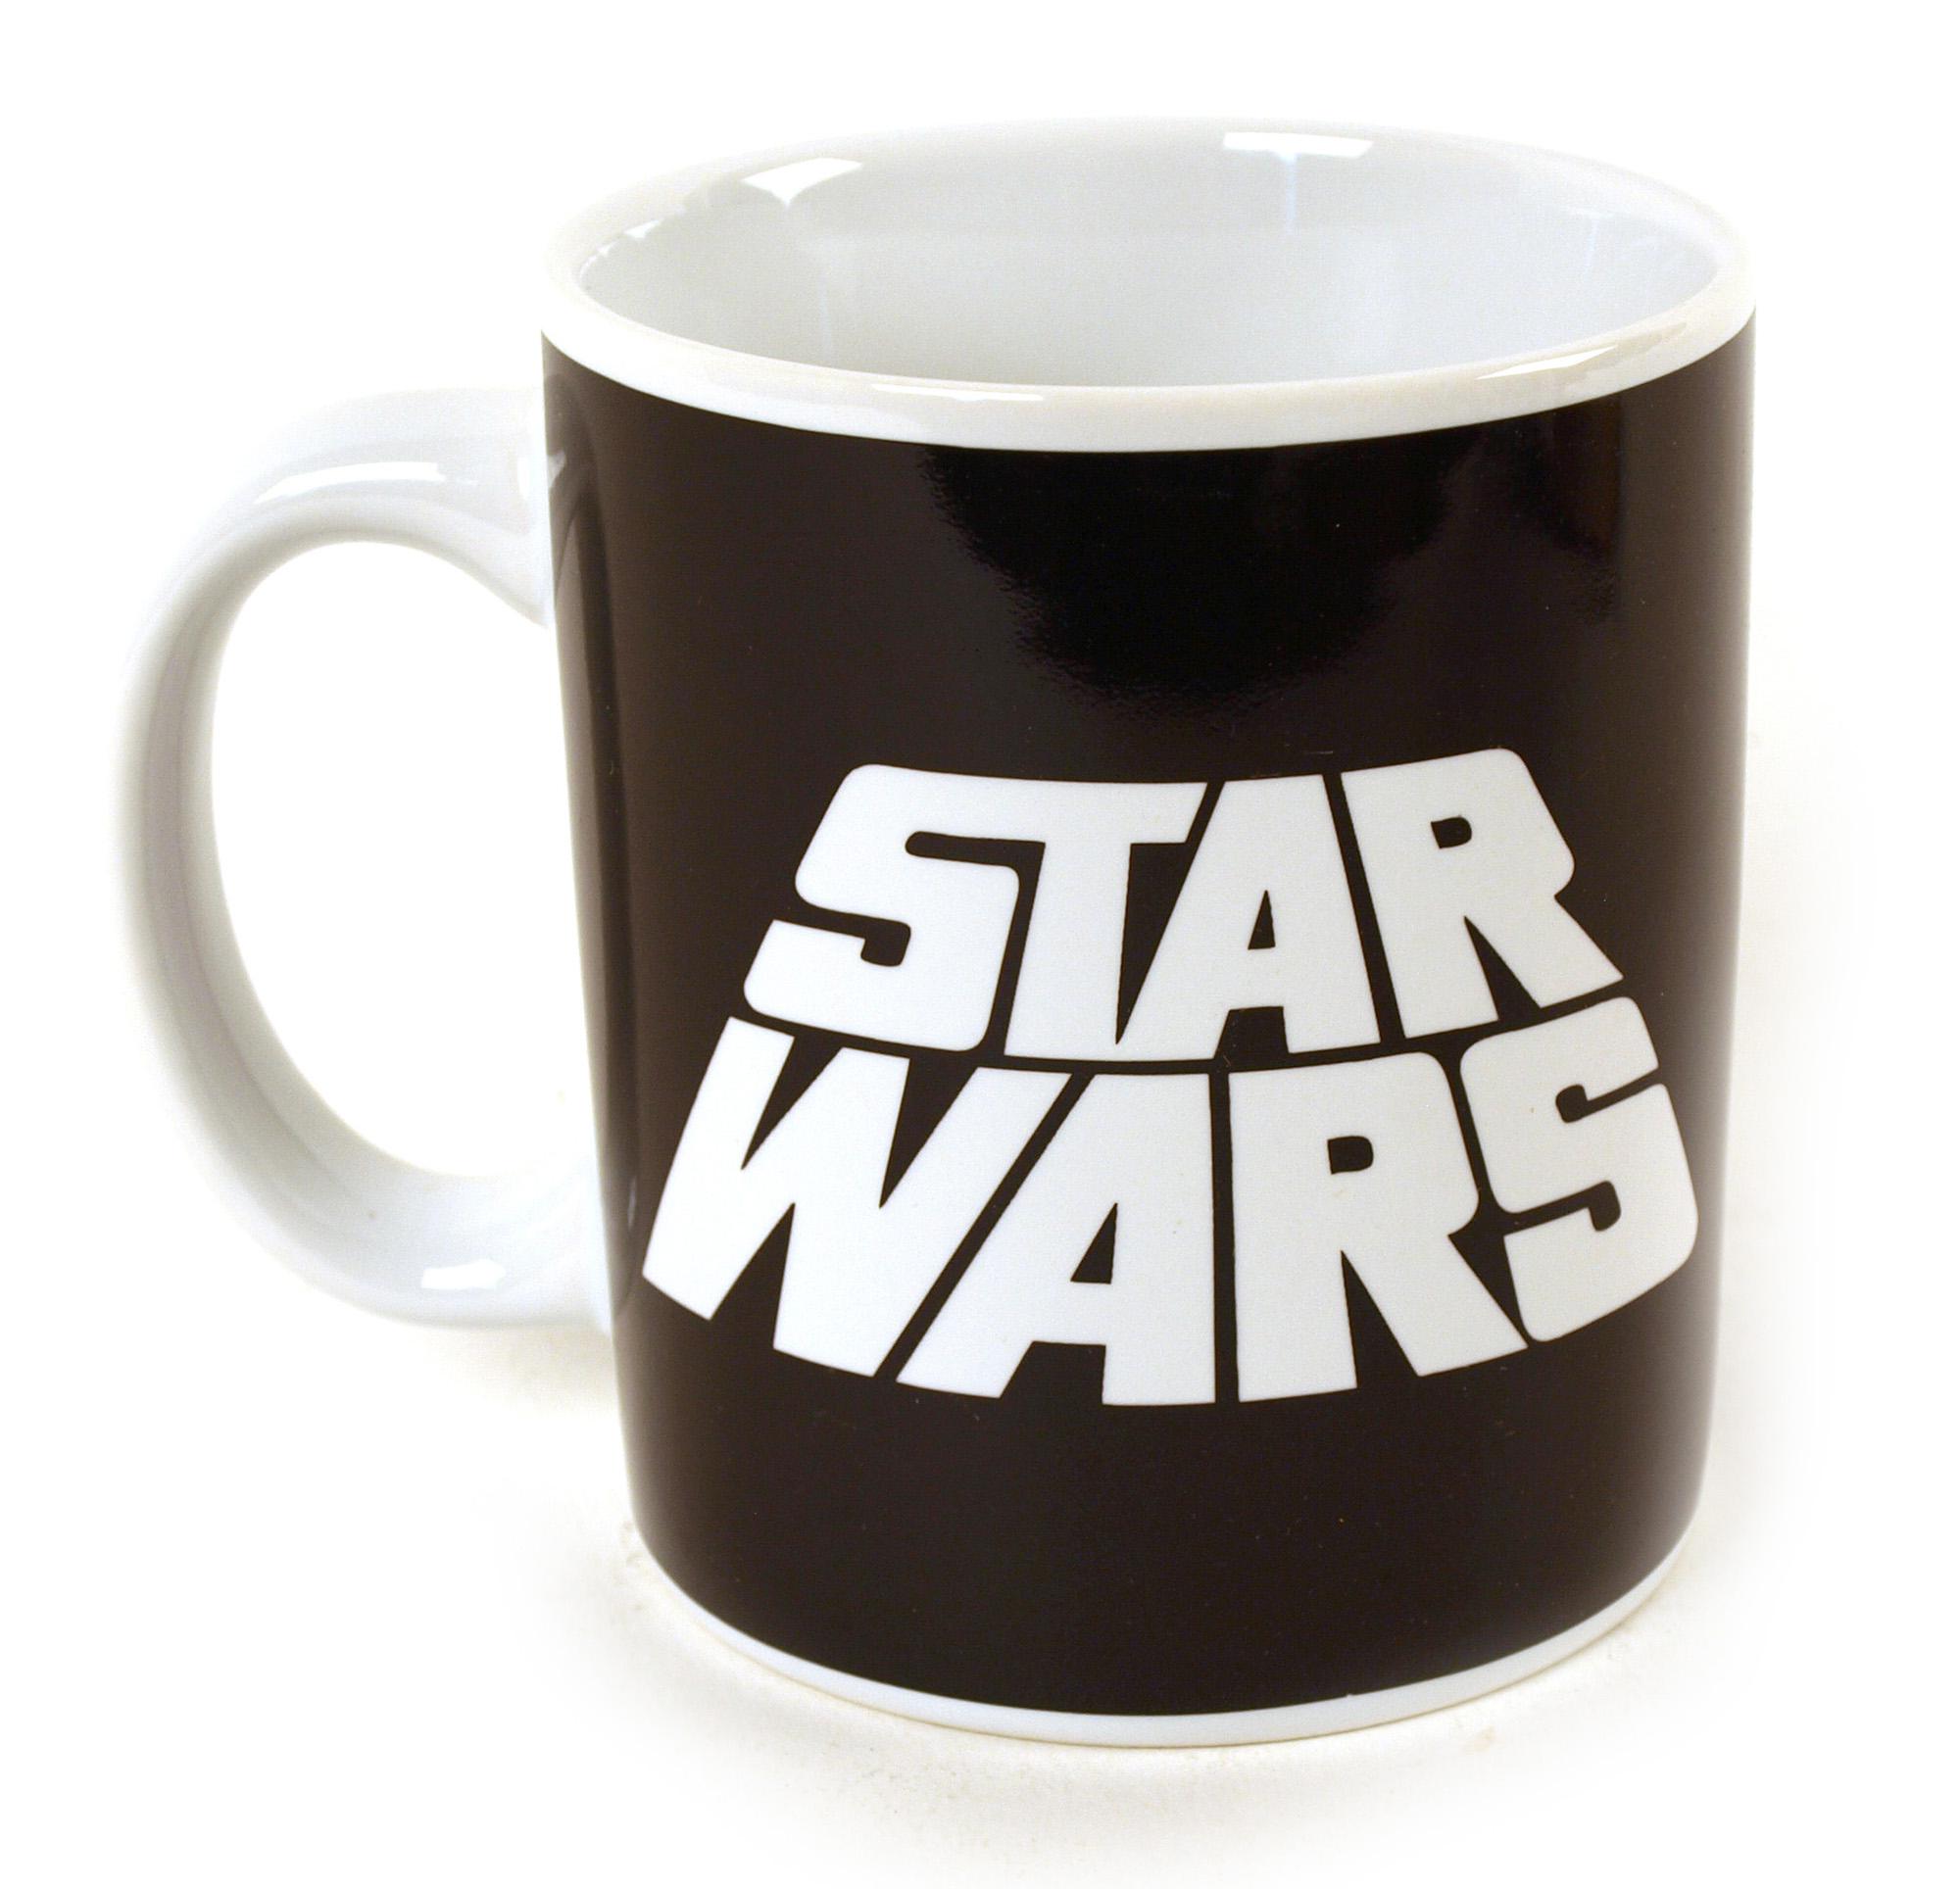 star wars new hope mug pink cat shop. Black Bedroom Furniture Sets. Home Design Ideas